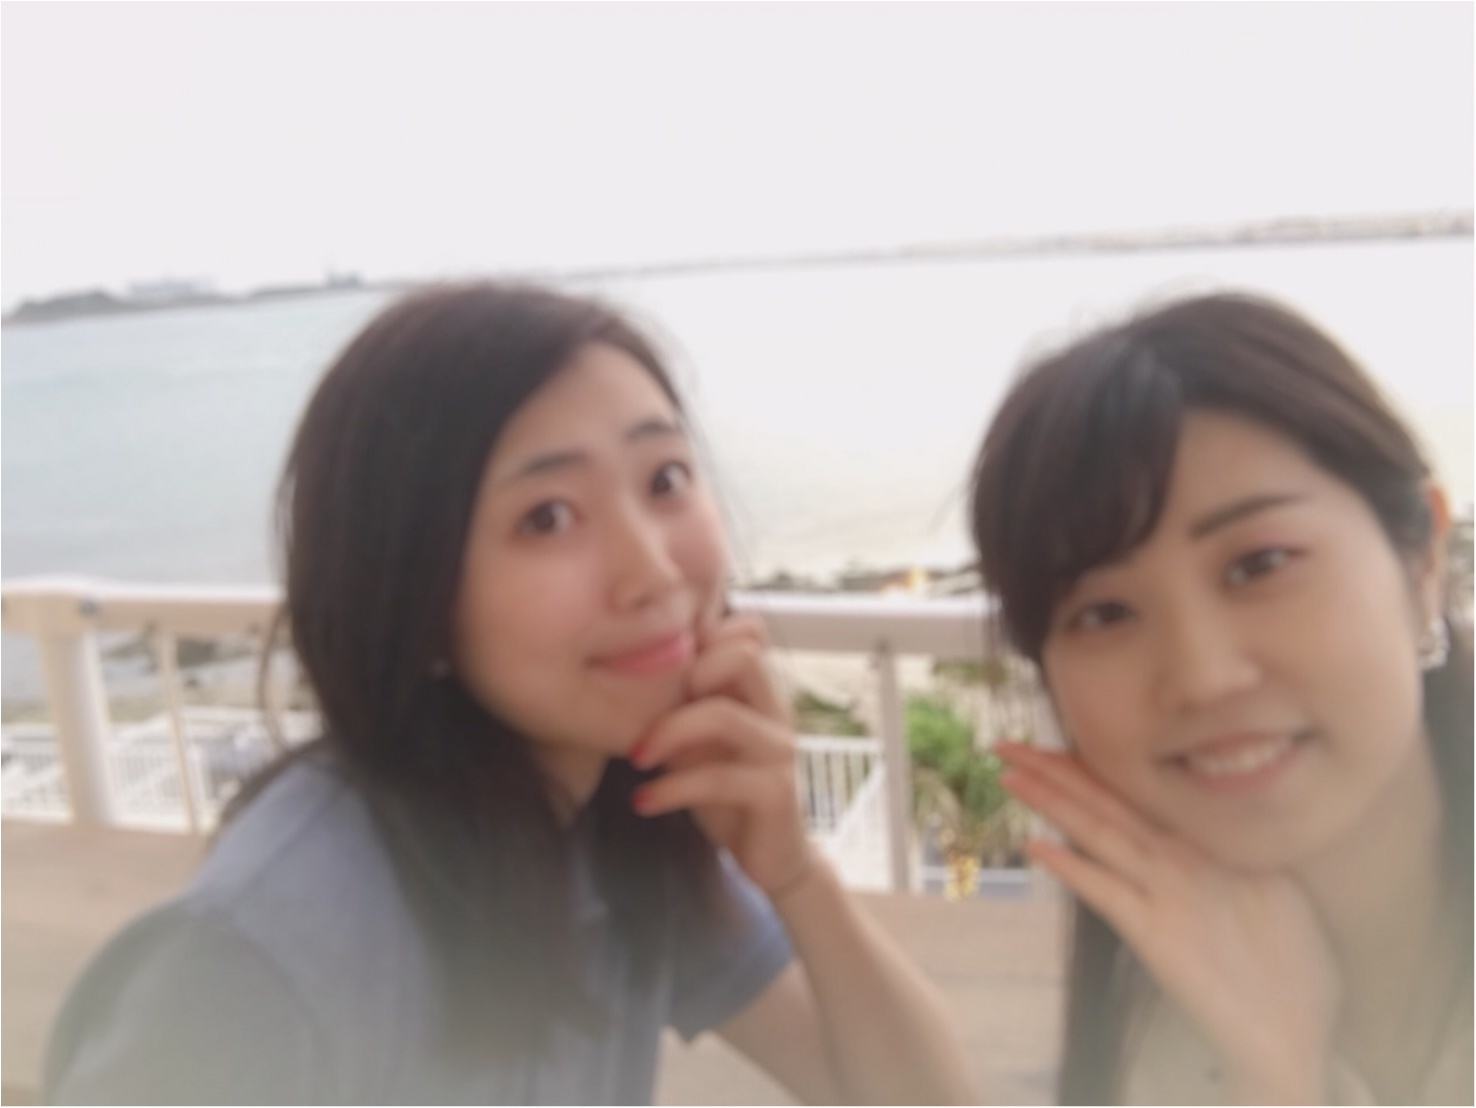 【女子旅♬】part.①沖縄に行ってきました〜♡ファットジェニックたっぷり♡〜レンタカーを使わなくても(ペーパードライバー)たっぷり楽しめました♡♡自然豊かで、とっても癒されました♡_10